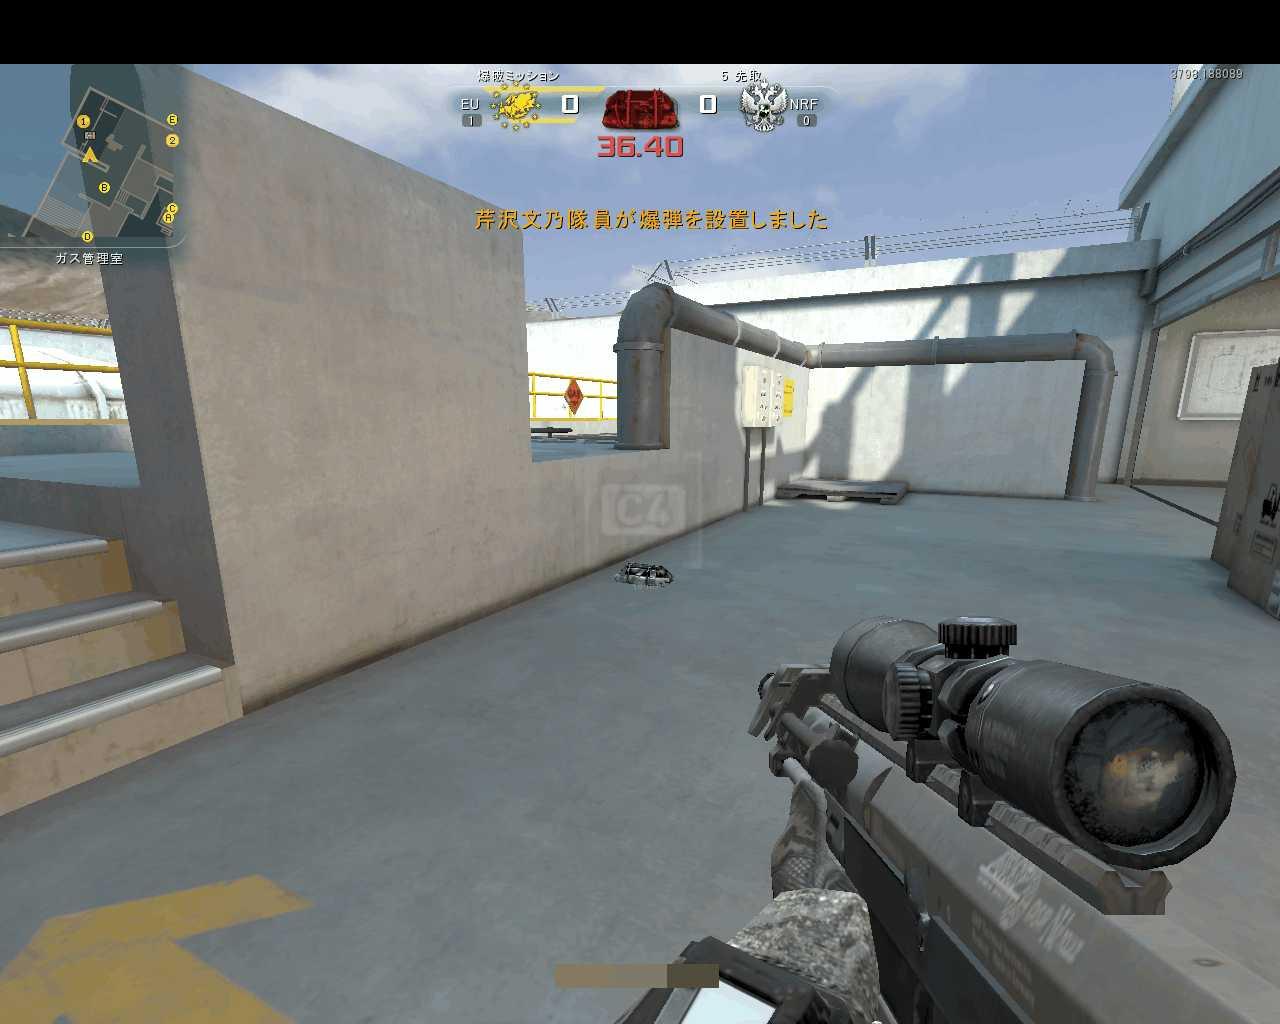 amarecco0010_20120104015617.jpg